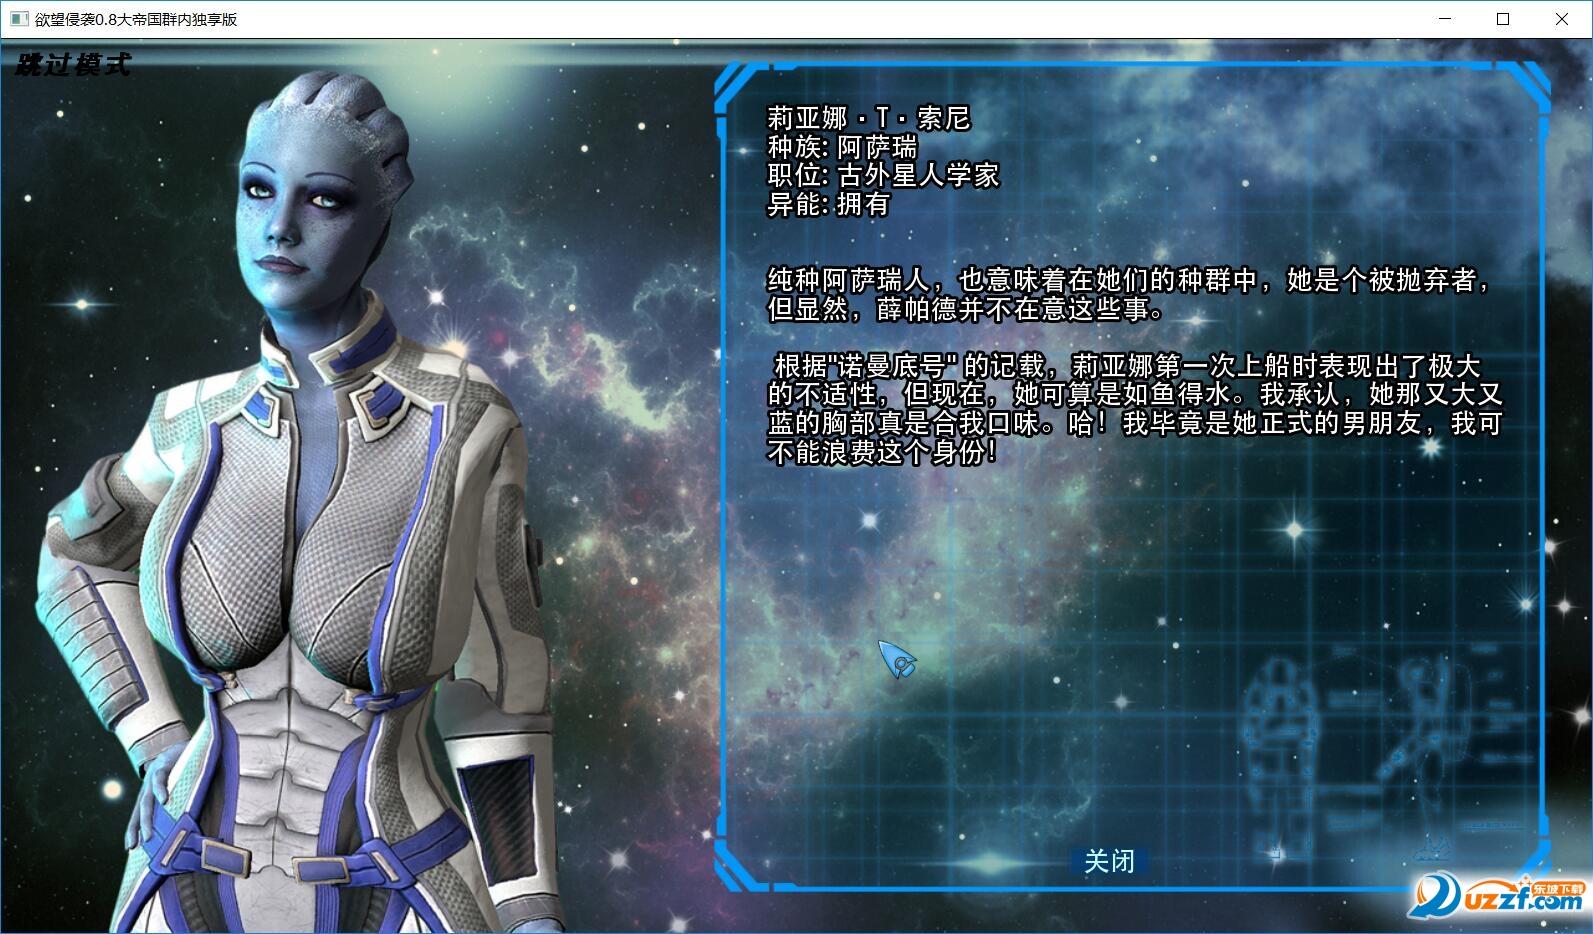 欲望的侵袭0.8中文版截图2